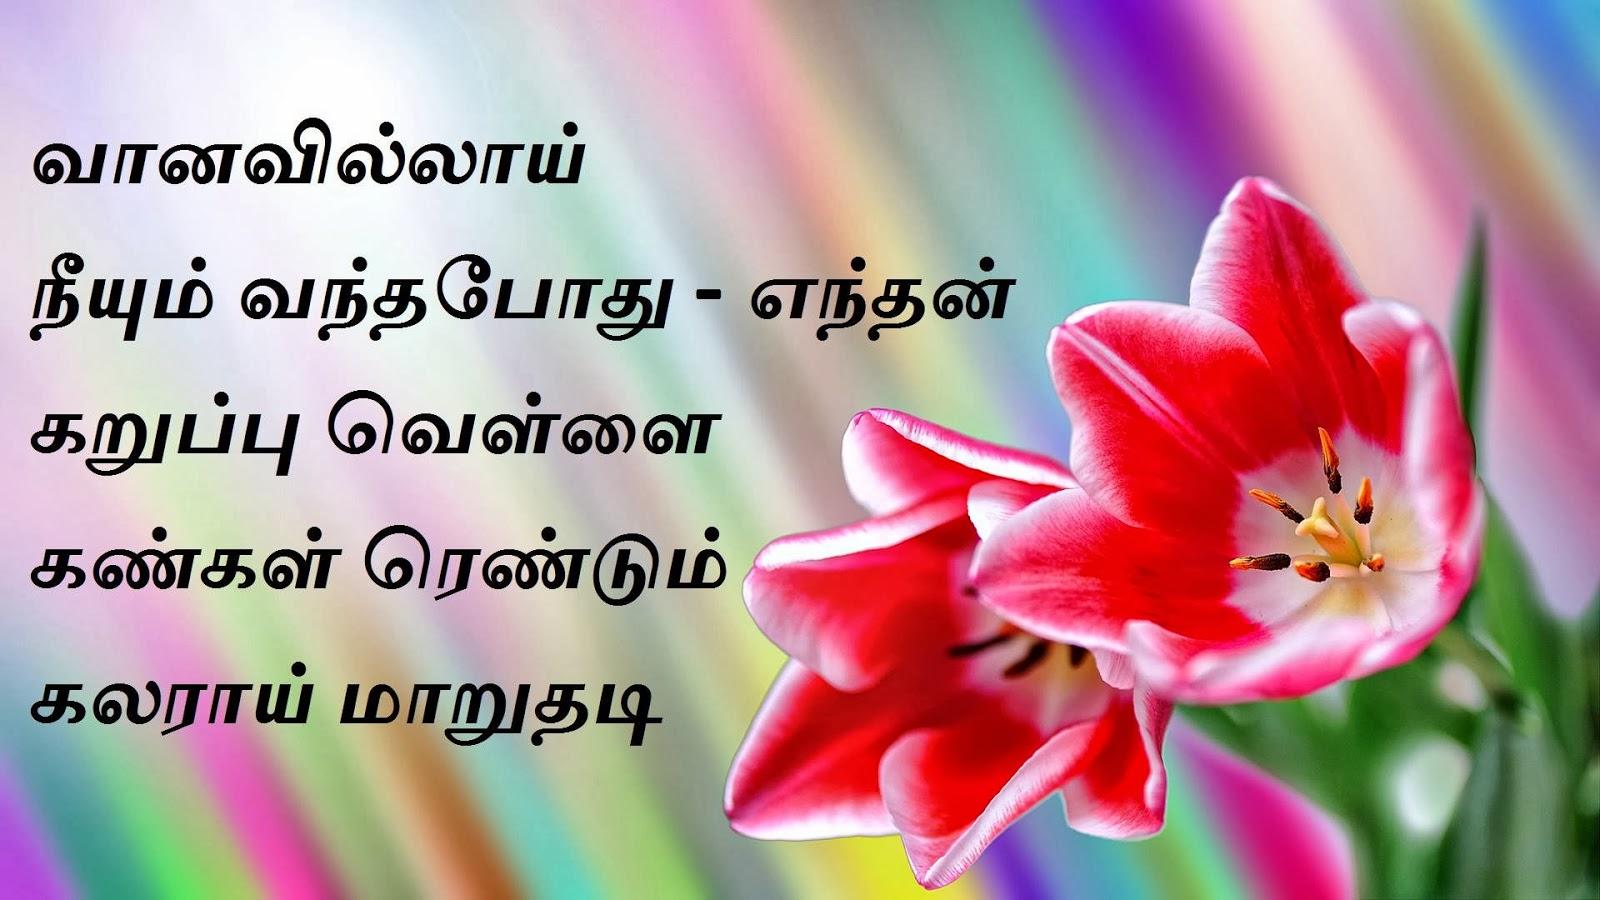 Pin Vairamuthu Kavithaigal Pdf Free on Pinterest